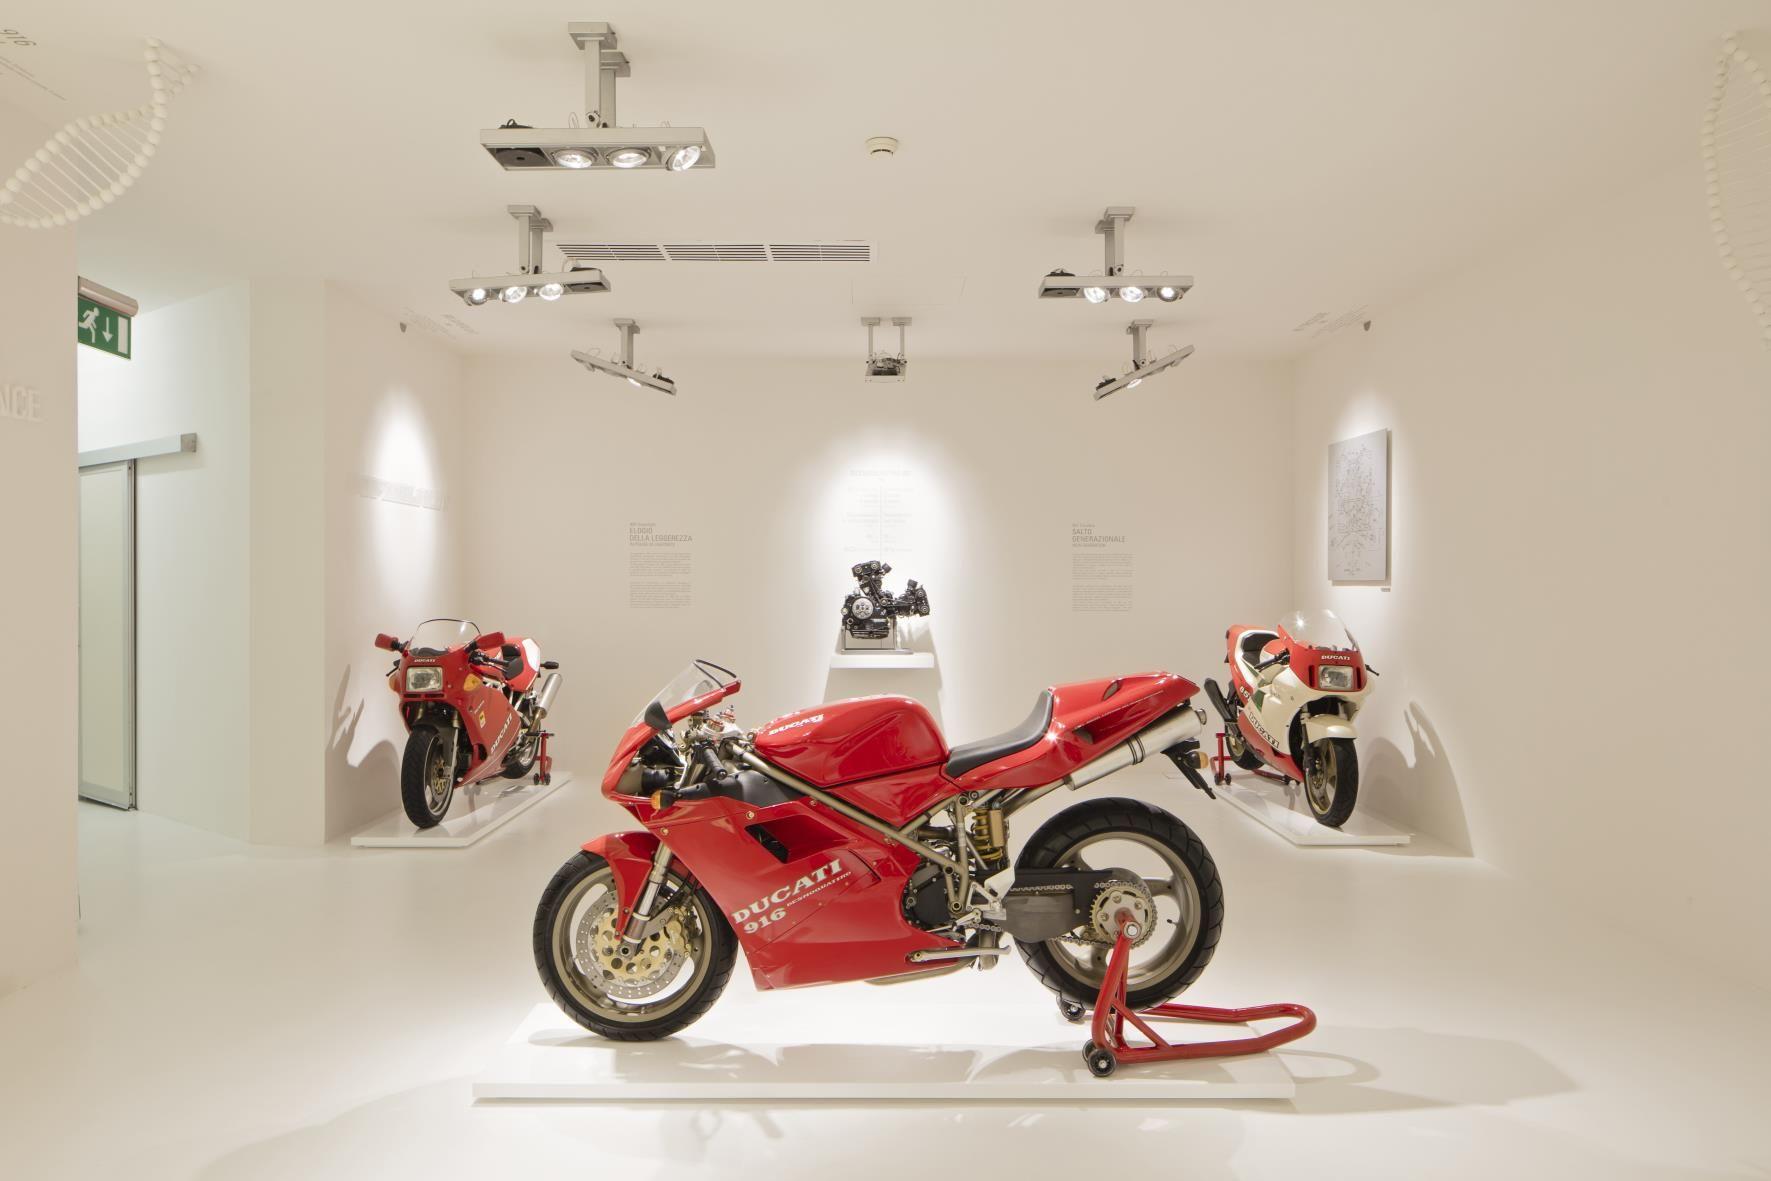 1383914_Ducati_Museum_-_Room_3